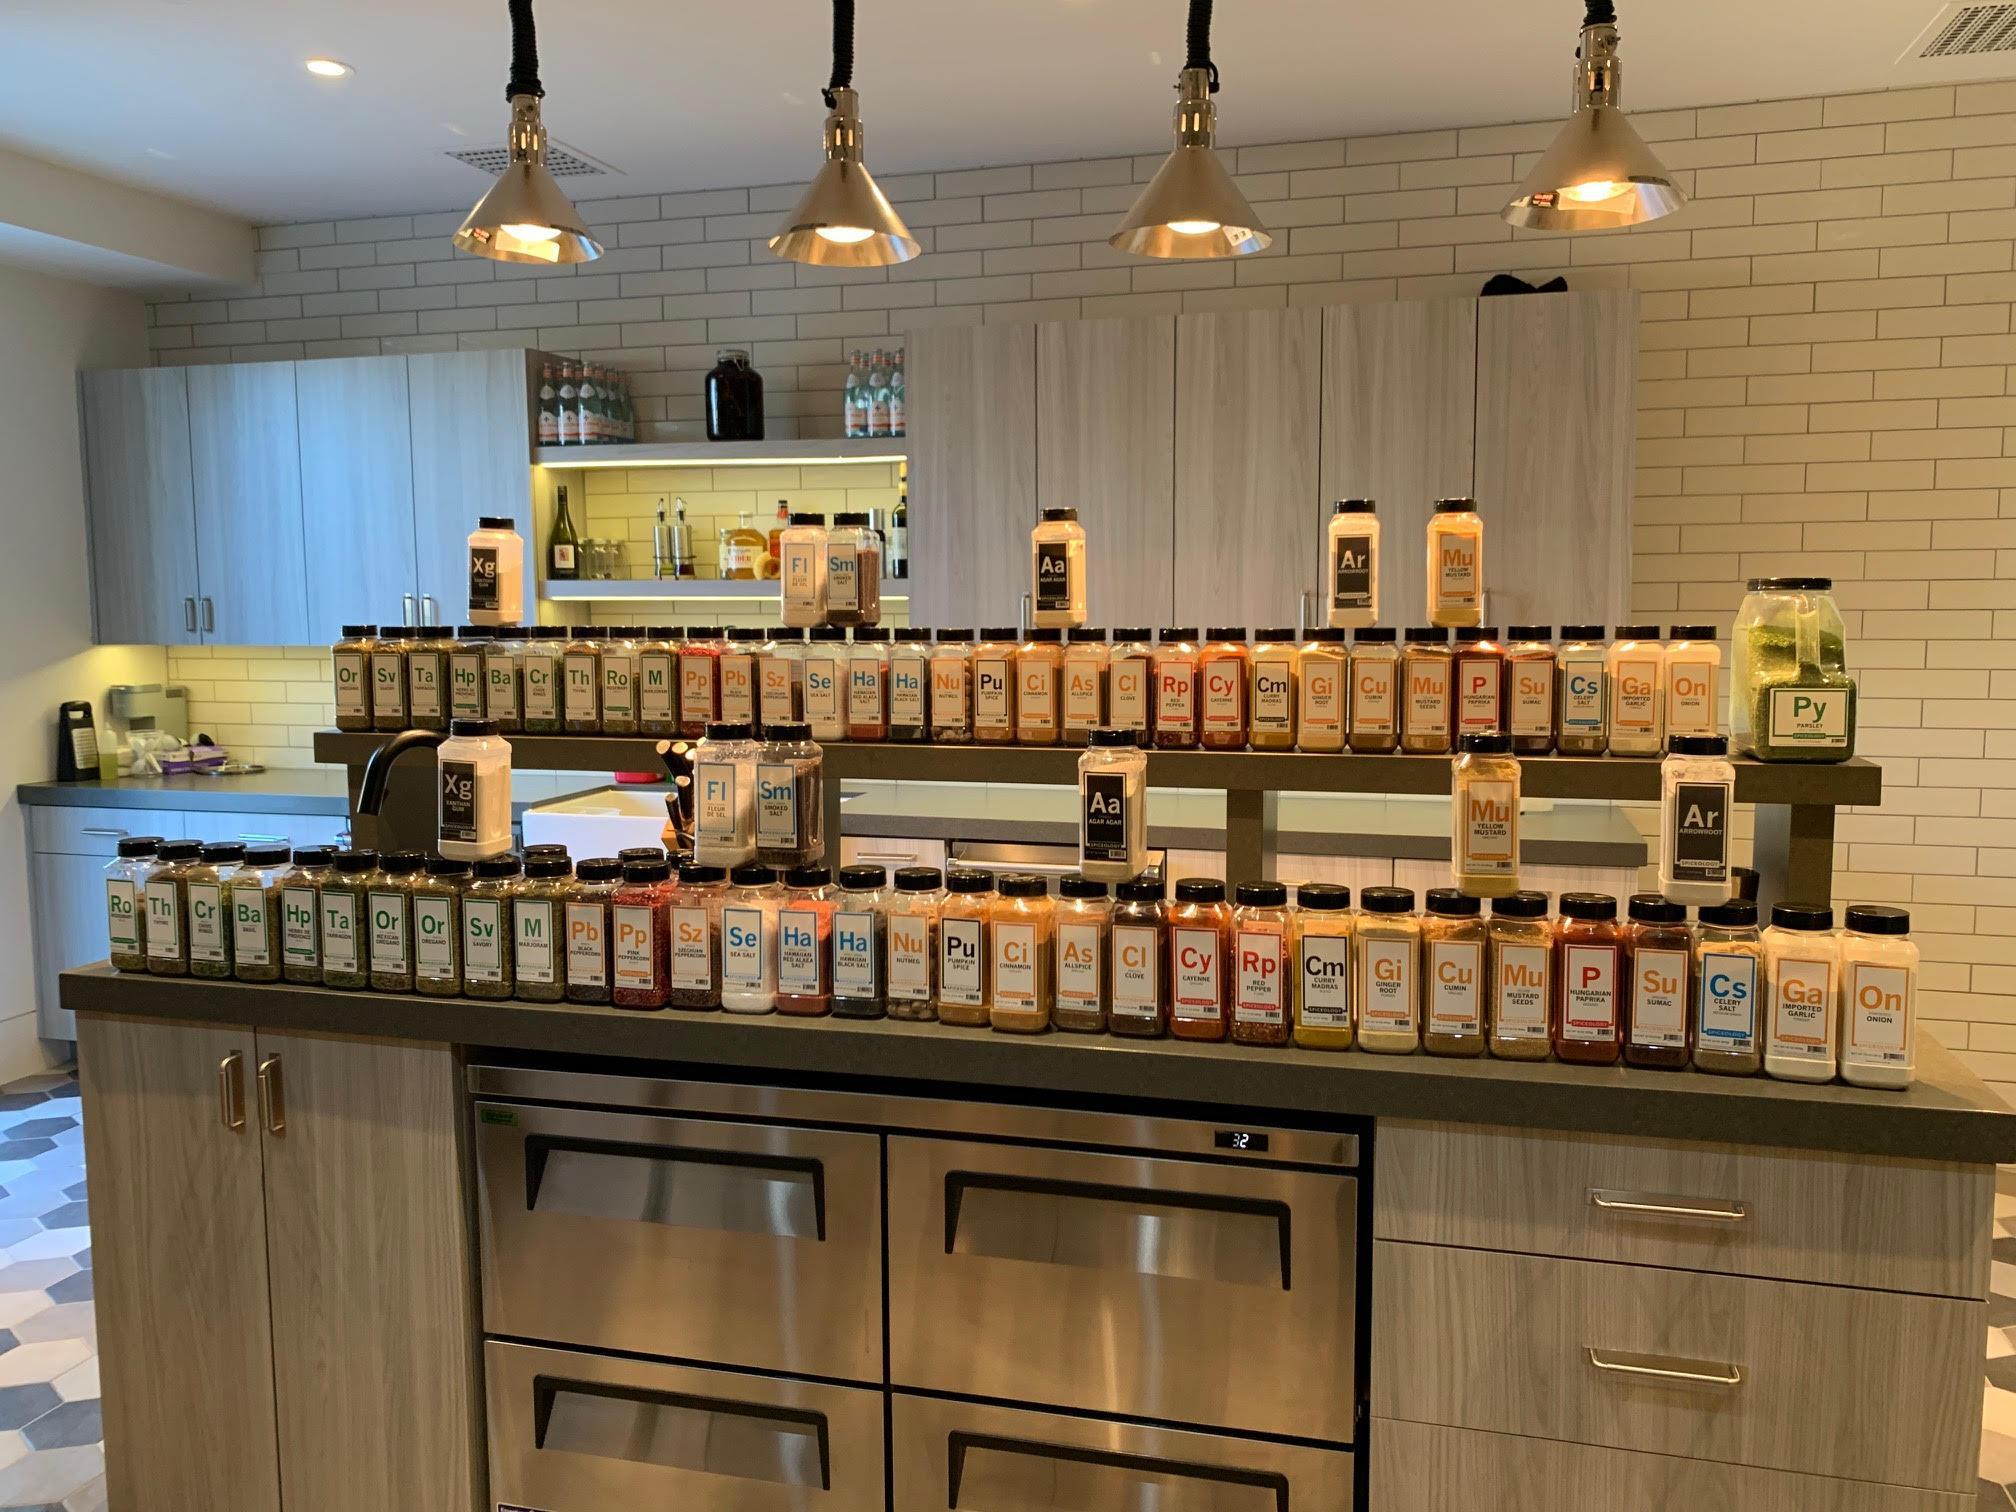 家庭科技健身品牌 FITURE 和 DTC 香料品牌 Spiceology 获融资;Seesaw 杭州首店即将开业 | 品牌日报